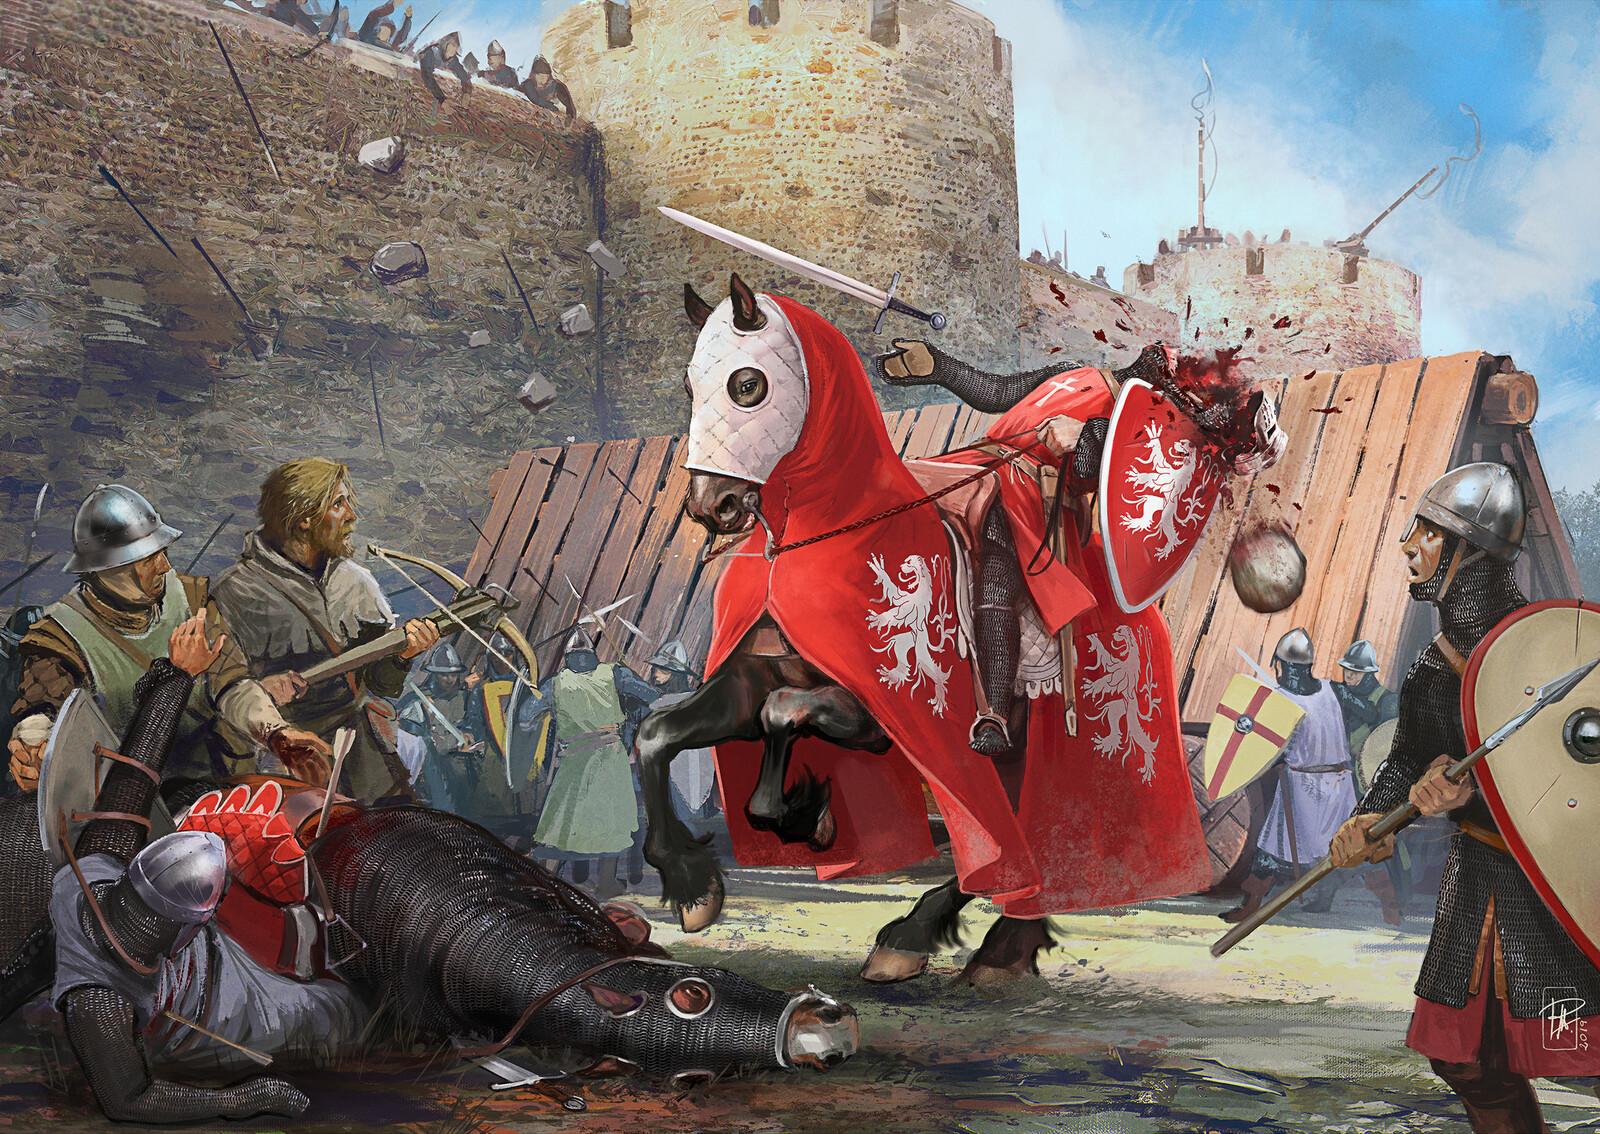 The Death of Simon de Monfort